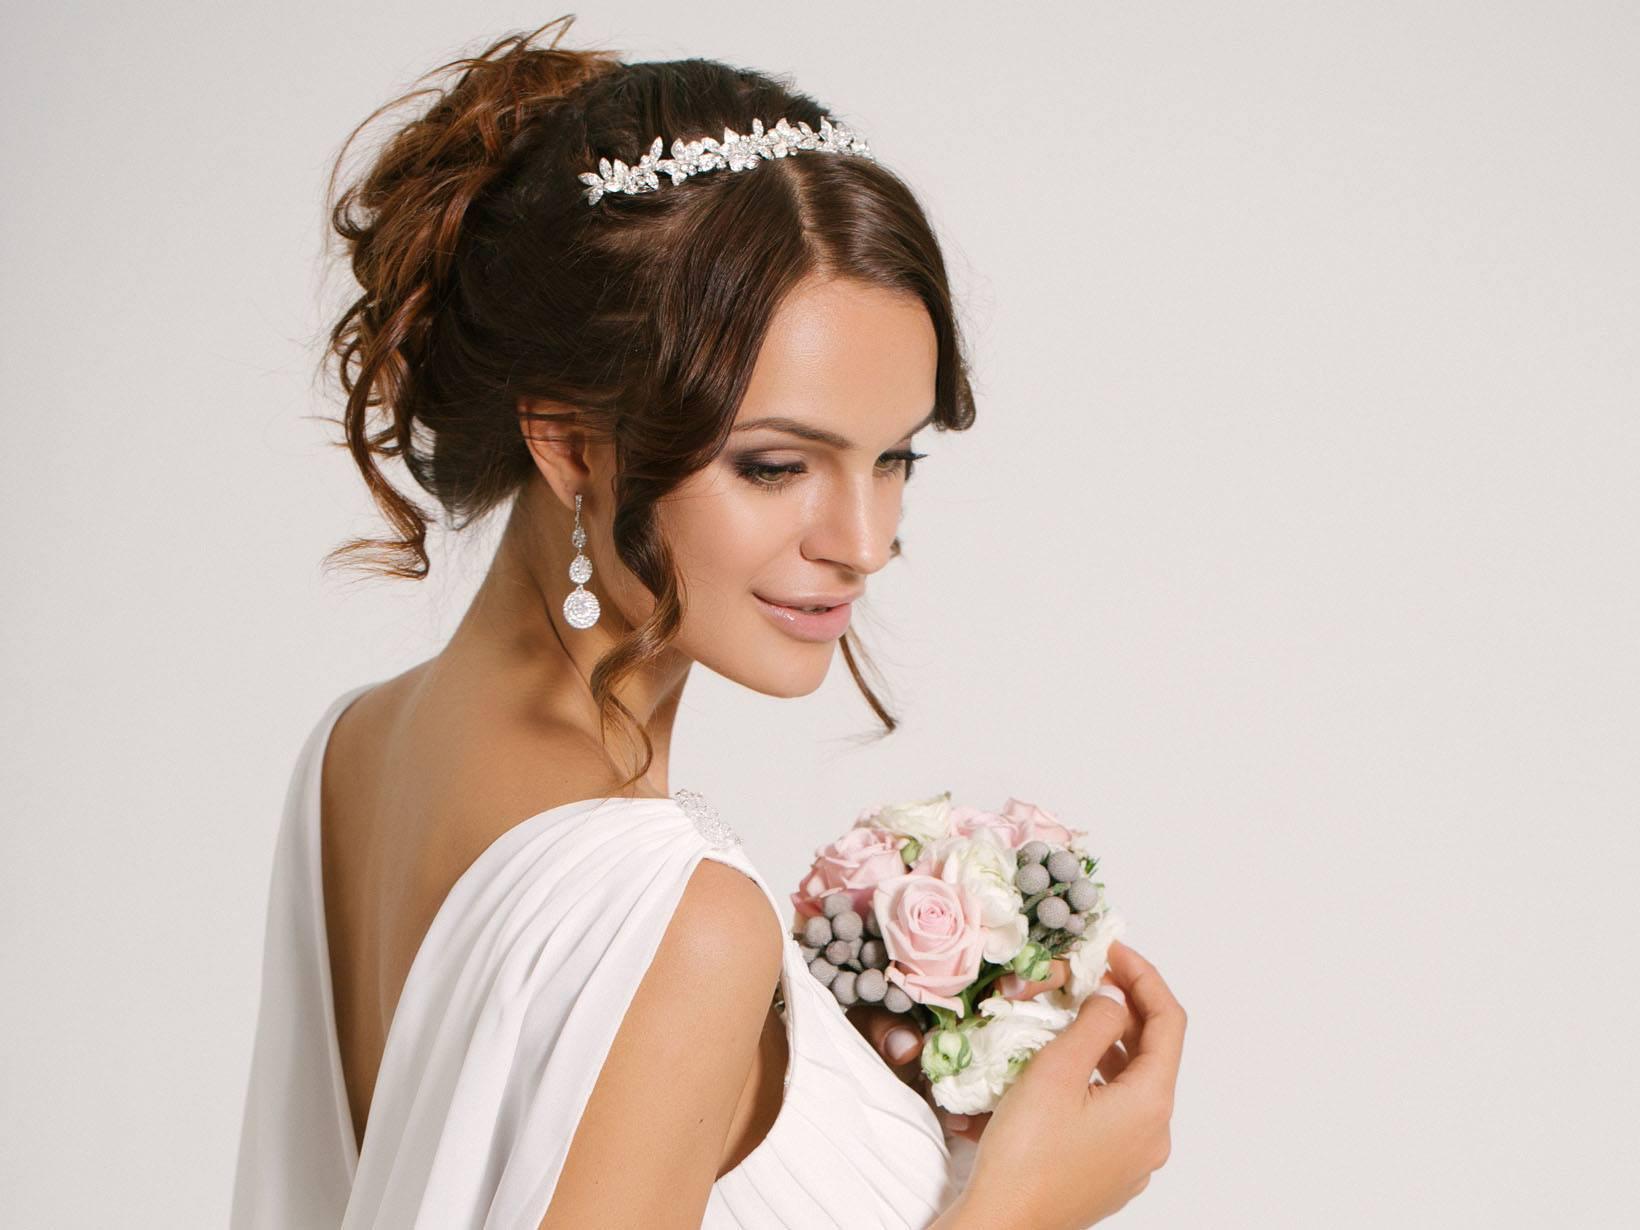 Hochzeit Hochsteckfrisuren  Hochsteckfrisur zur Hochzeit Tipps & Inspirationen – NIVEA